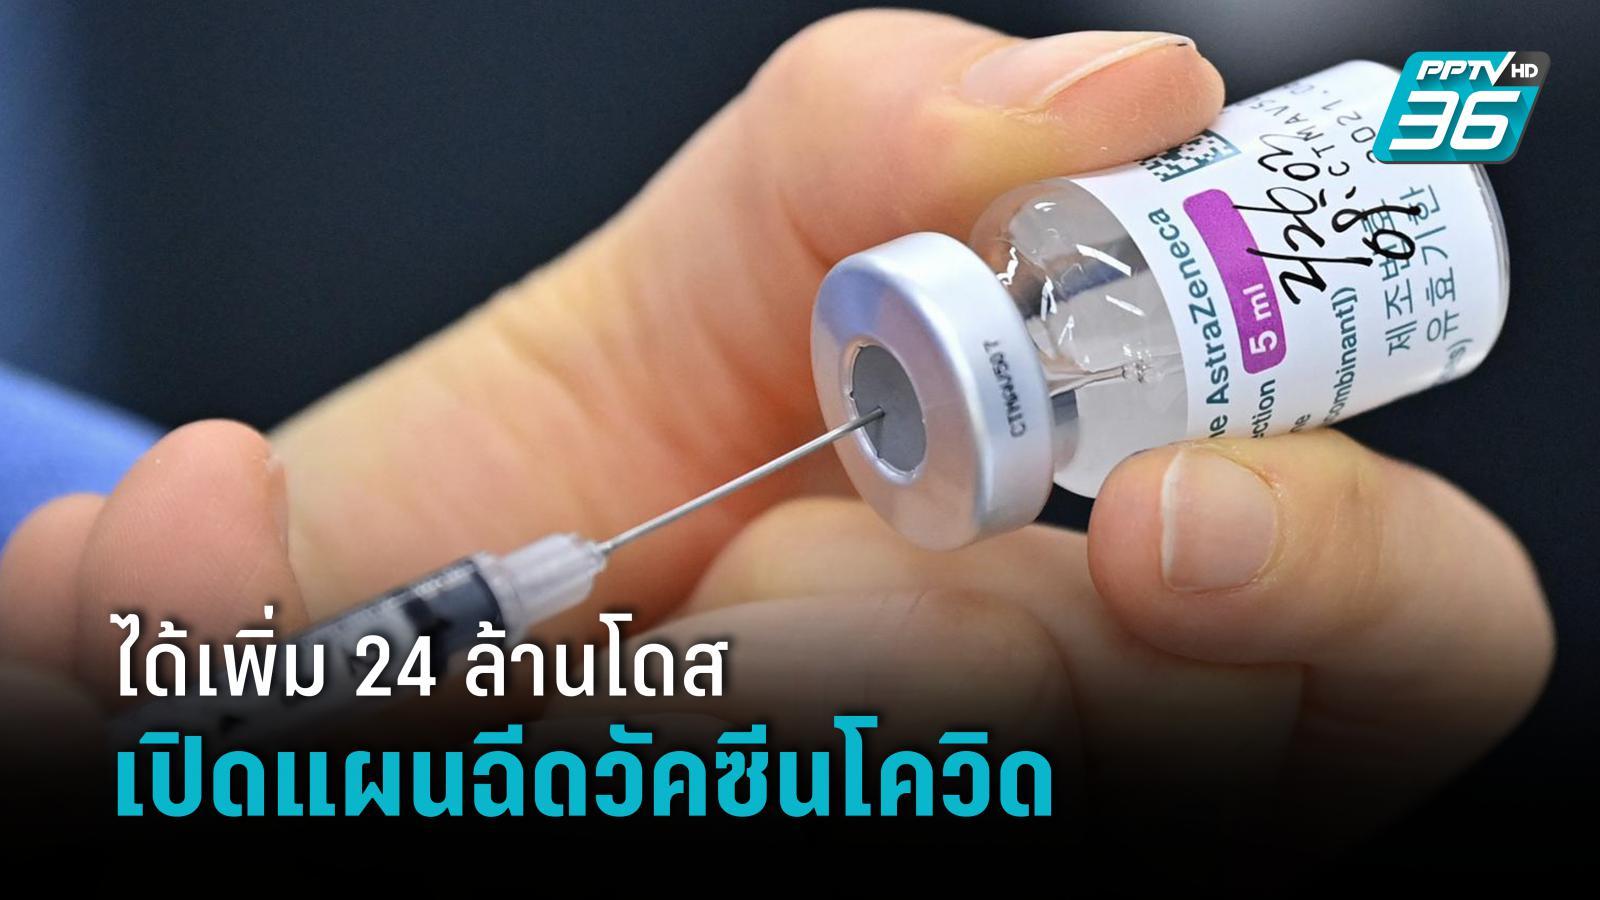 แผนฉีดวัคซีนโควิดหลังได้เพิ่ม 24 ล้านโดส : PPTVHD36